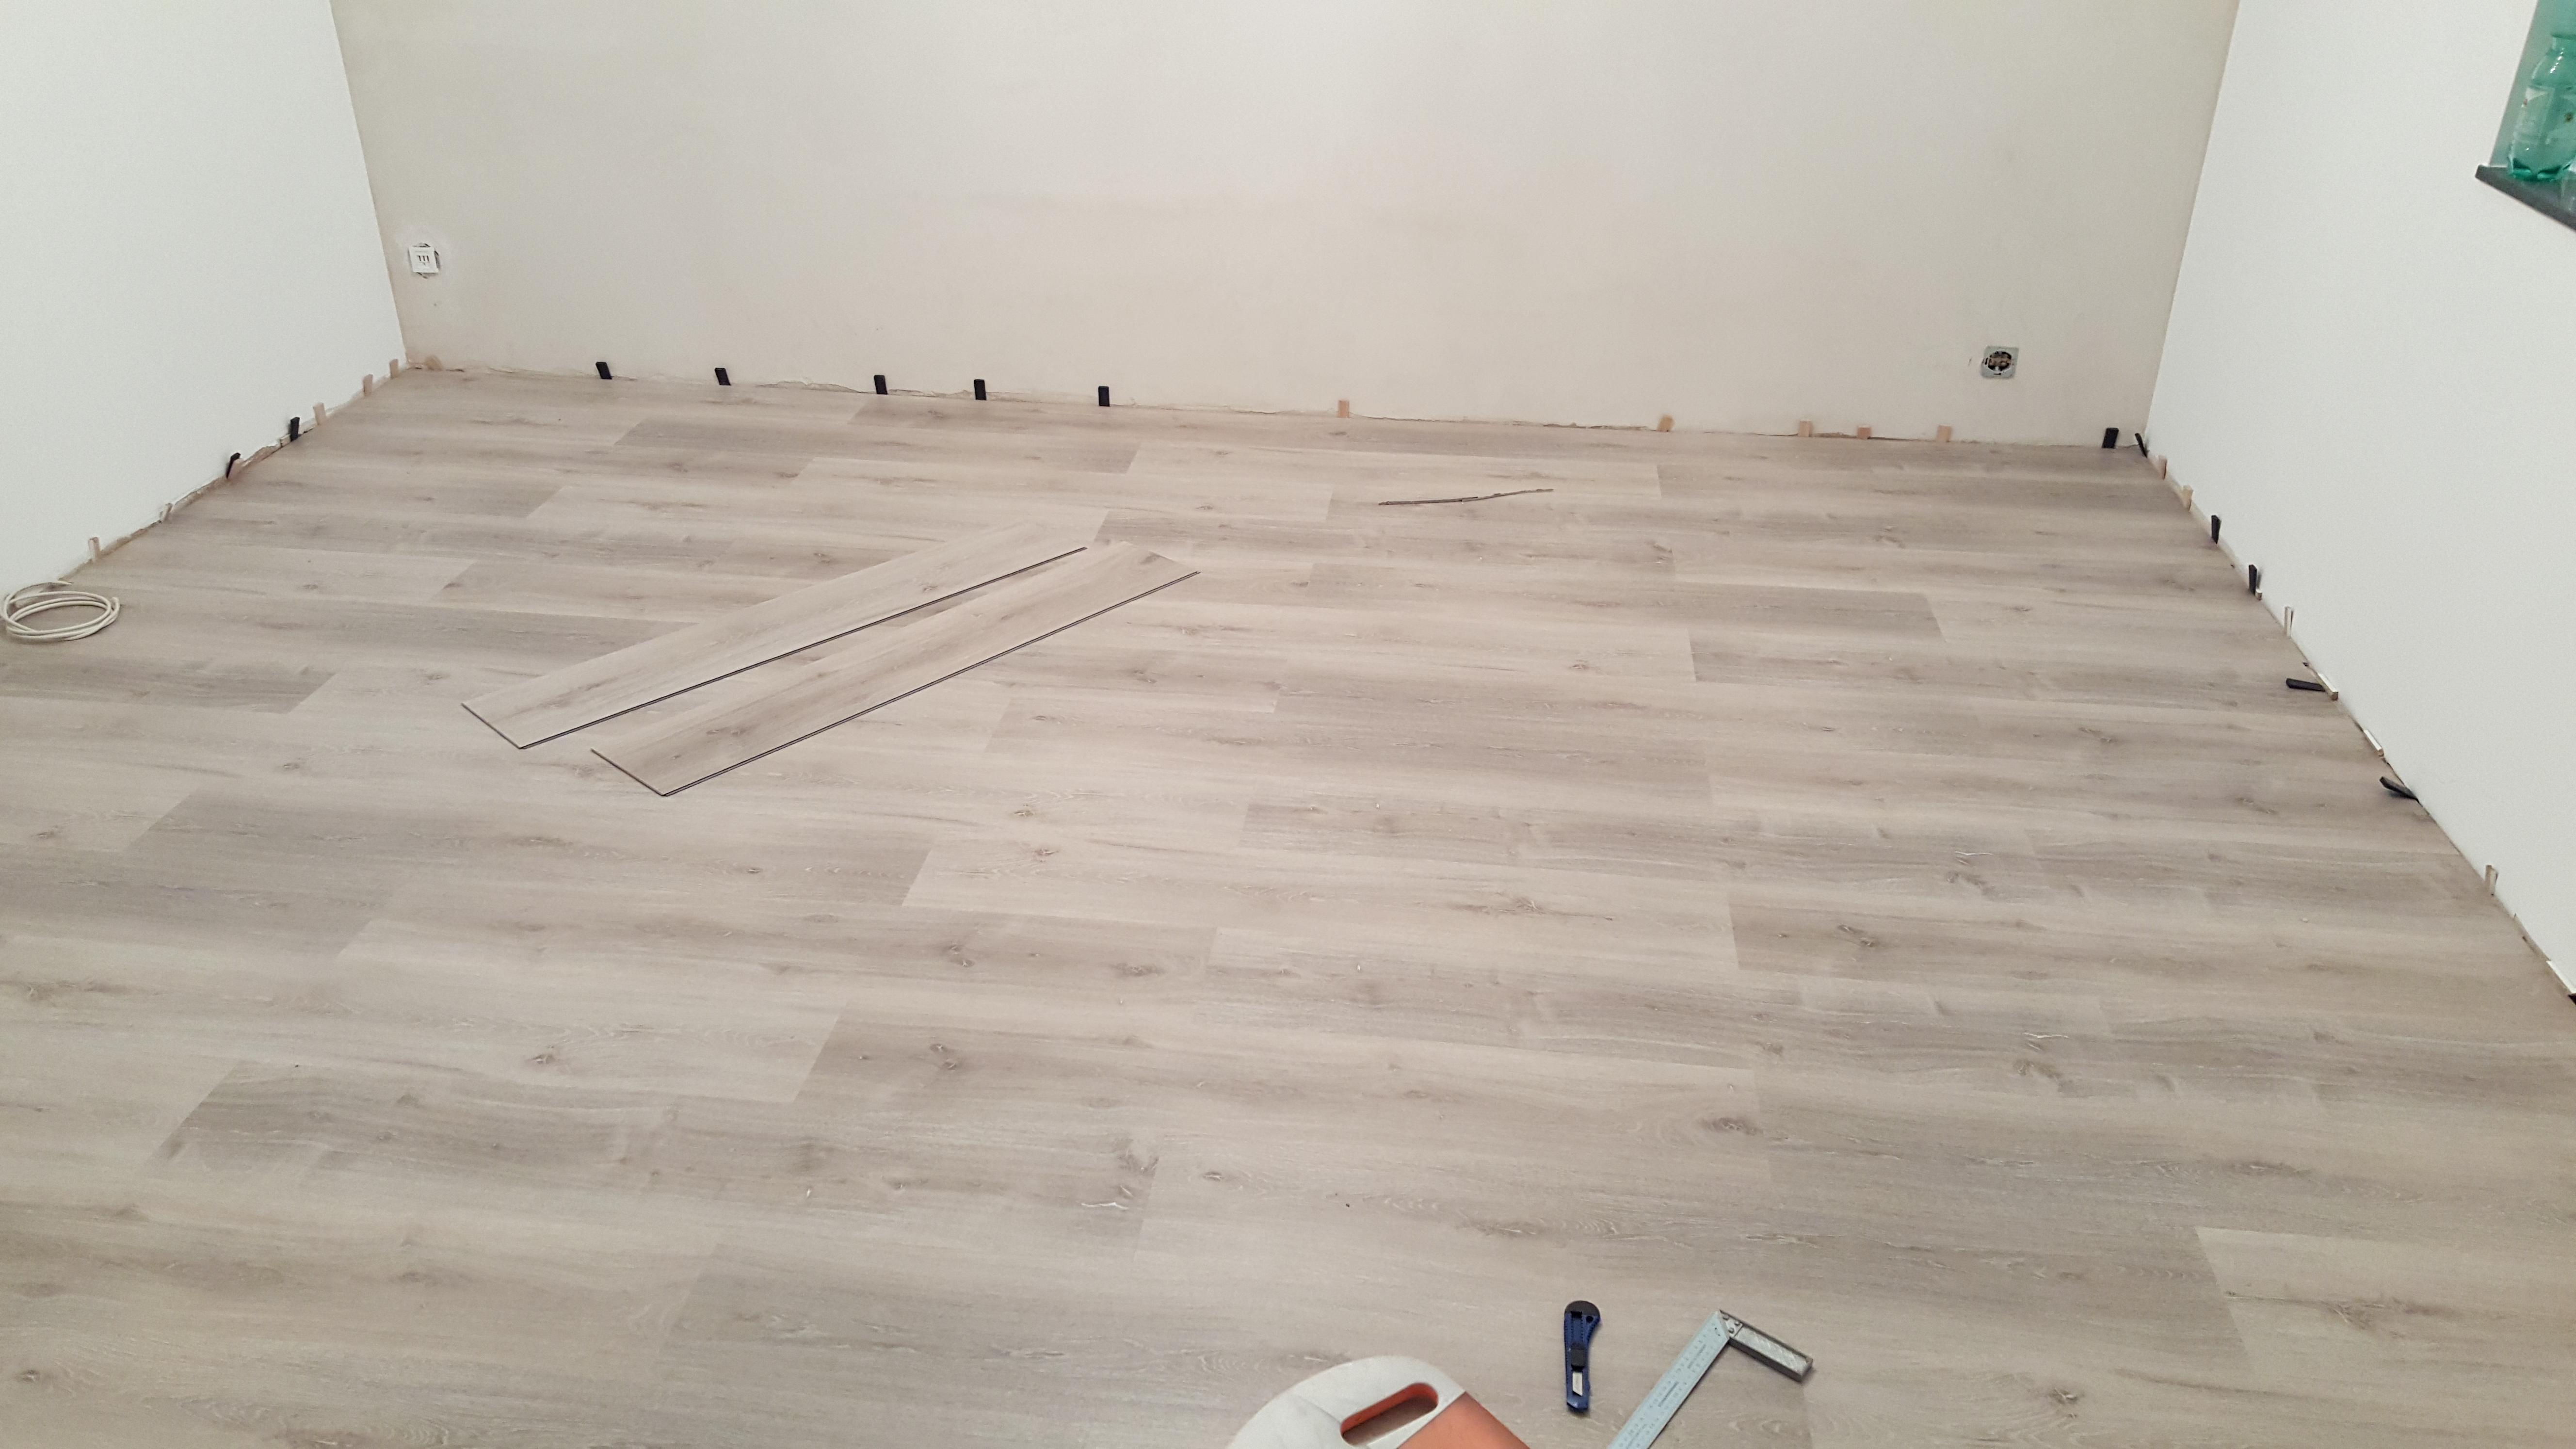 Fußboden Im Wohnzimmer ~ Das wohnzimmer fußboden teil